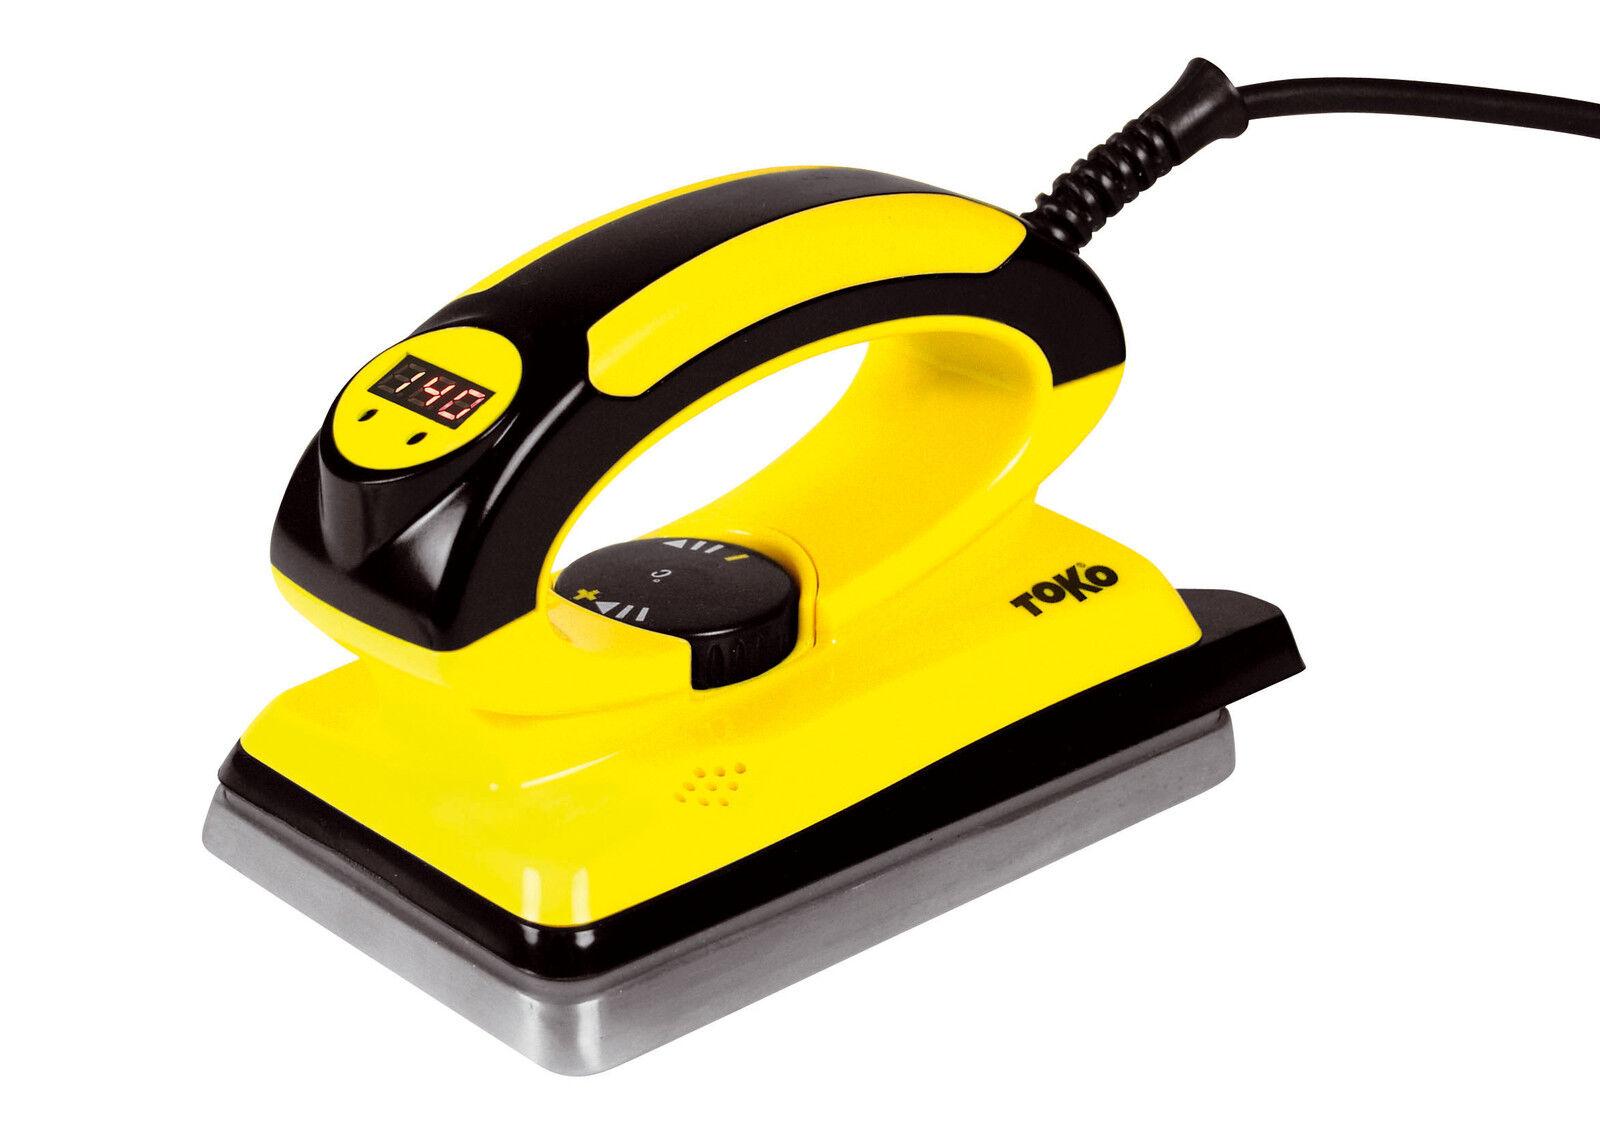 Toko Wax Iron Digital T14